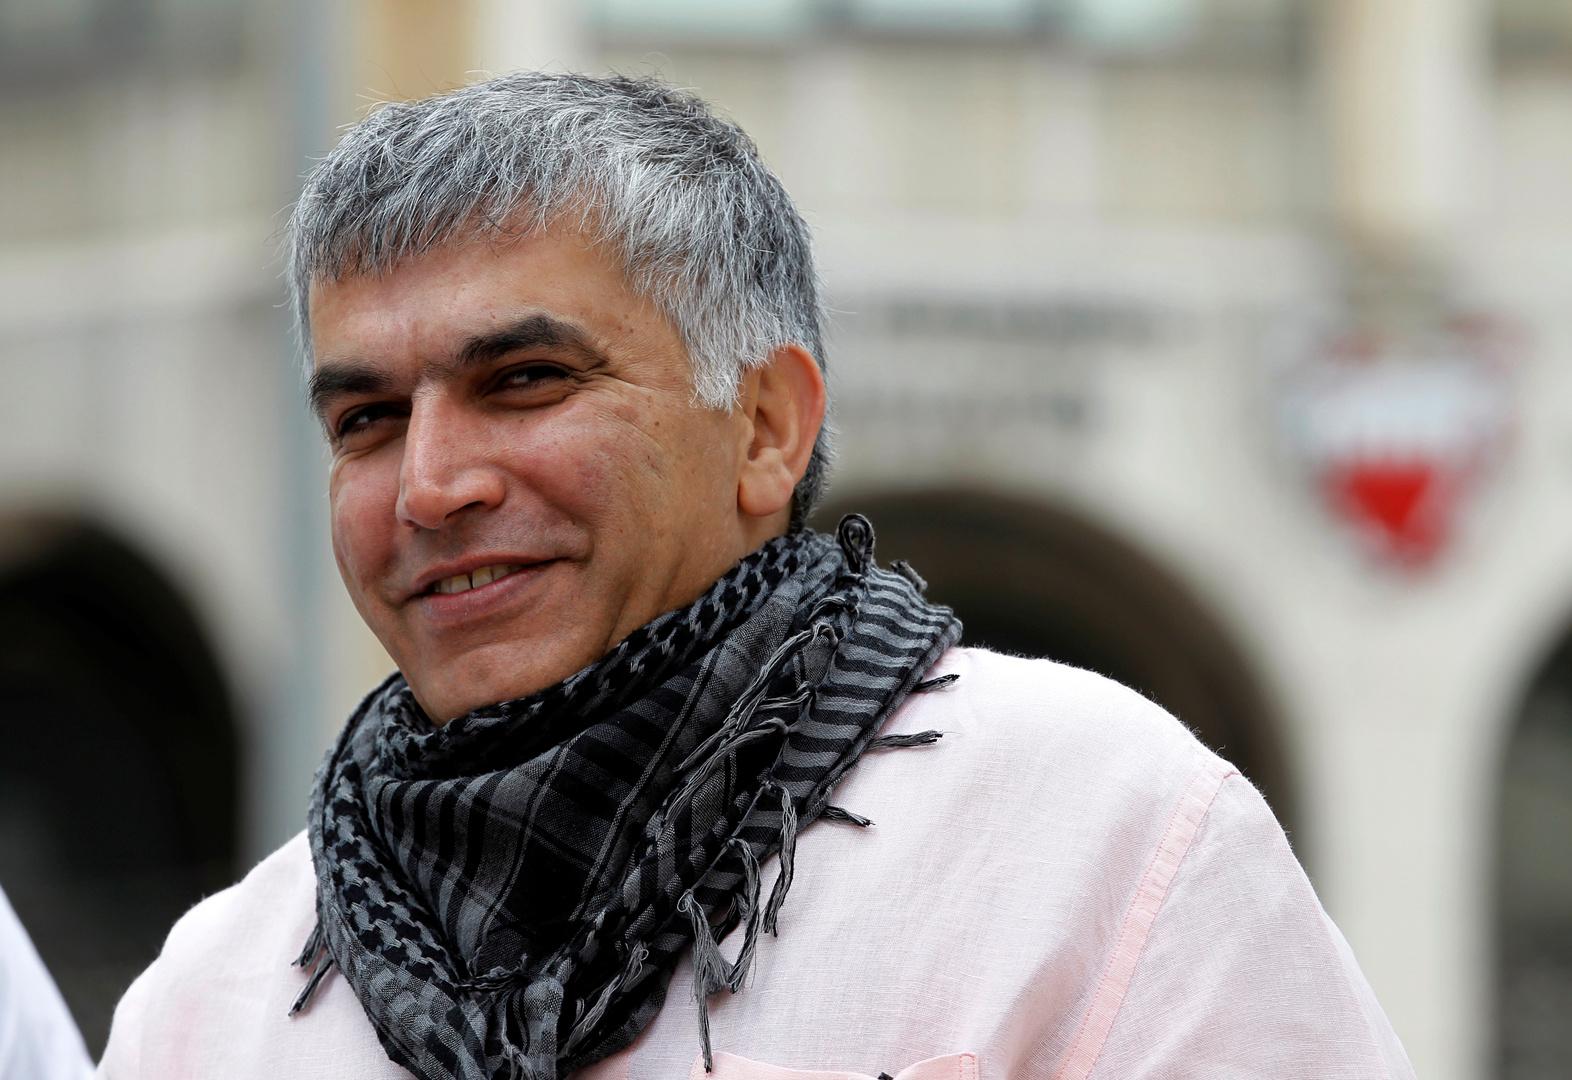 البحرين تفرج عن الناشط الحقوقي المعارض نبيل رجب